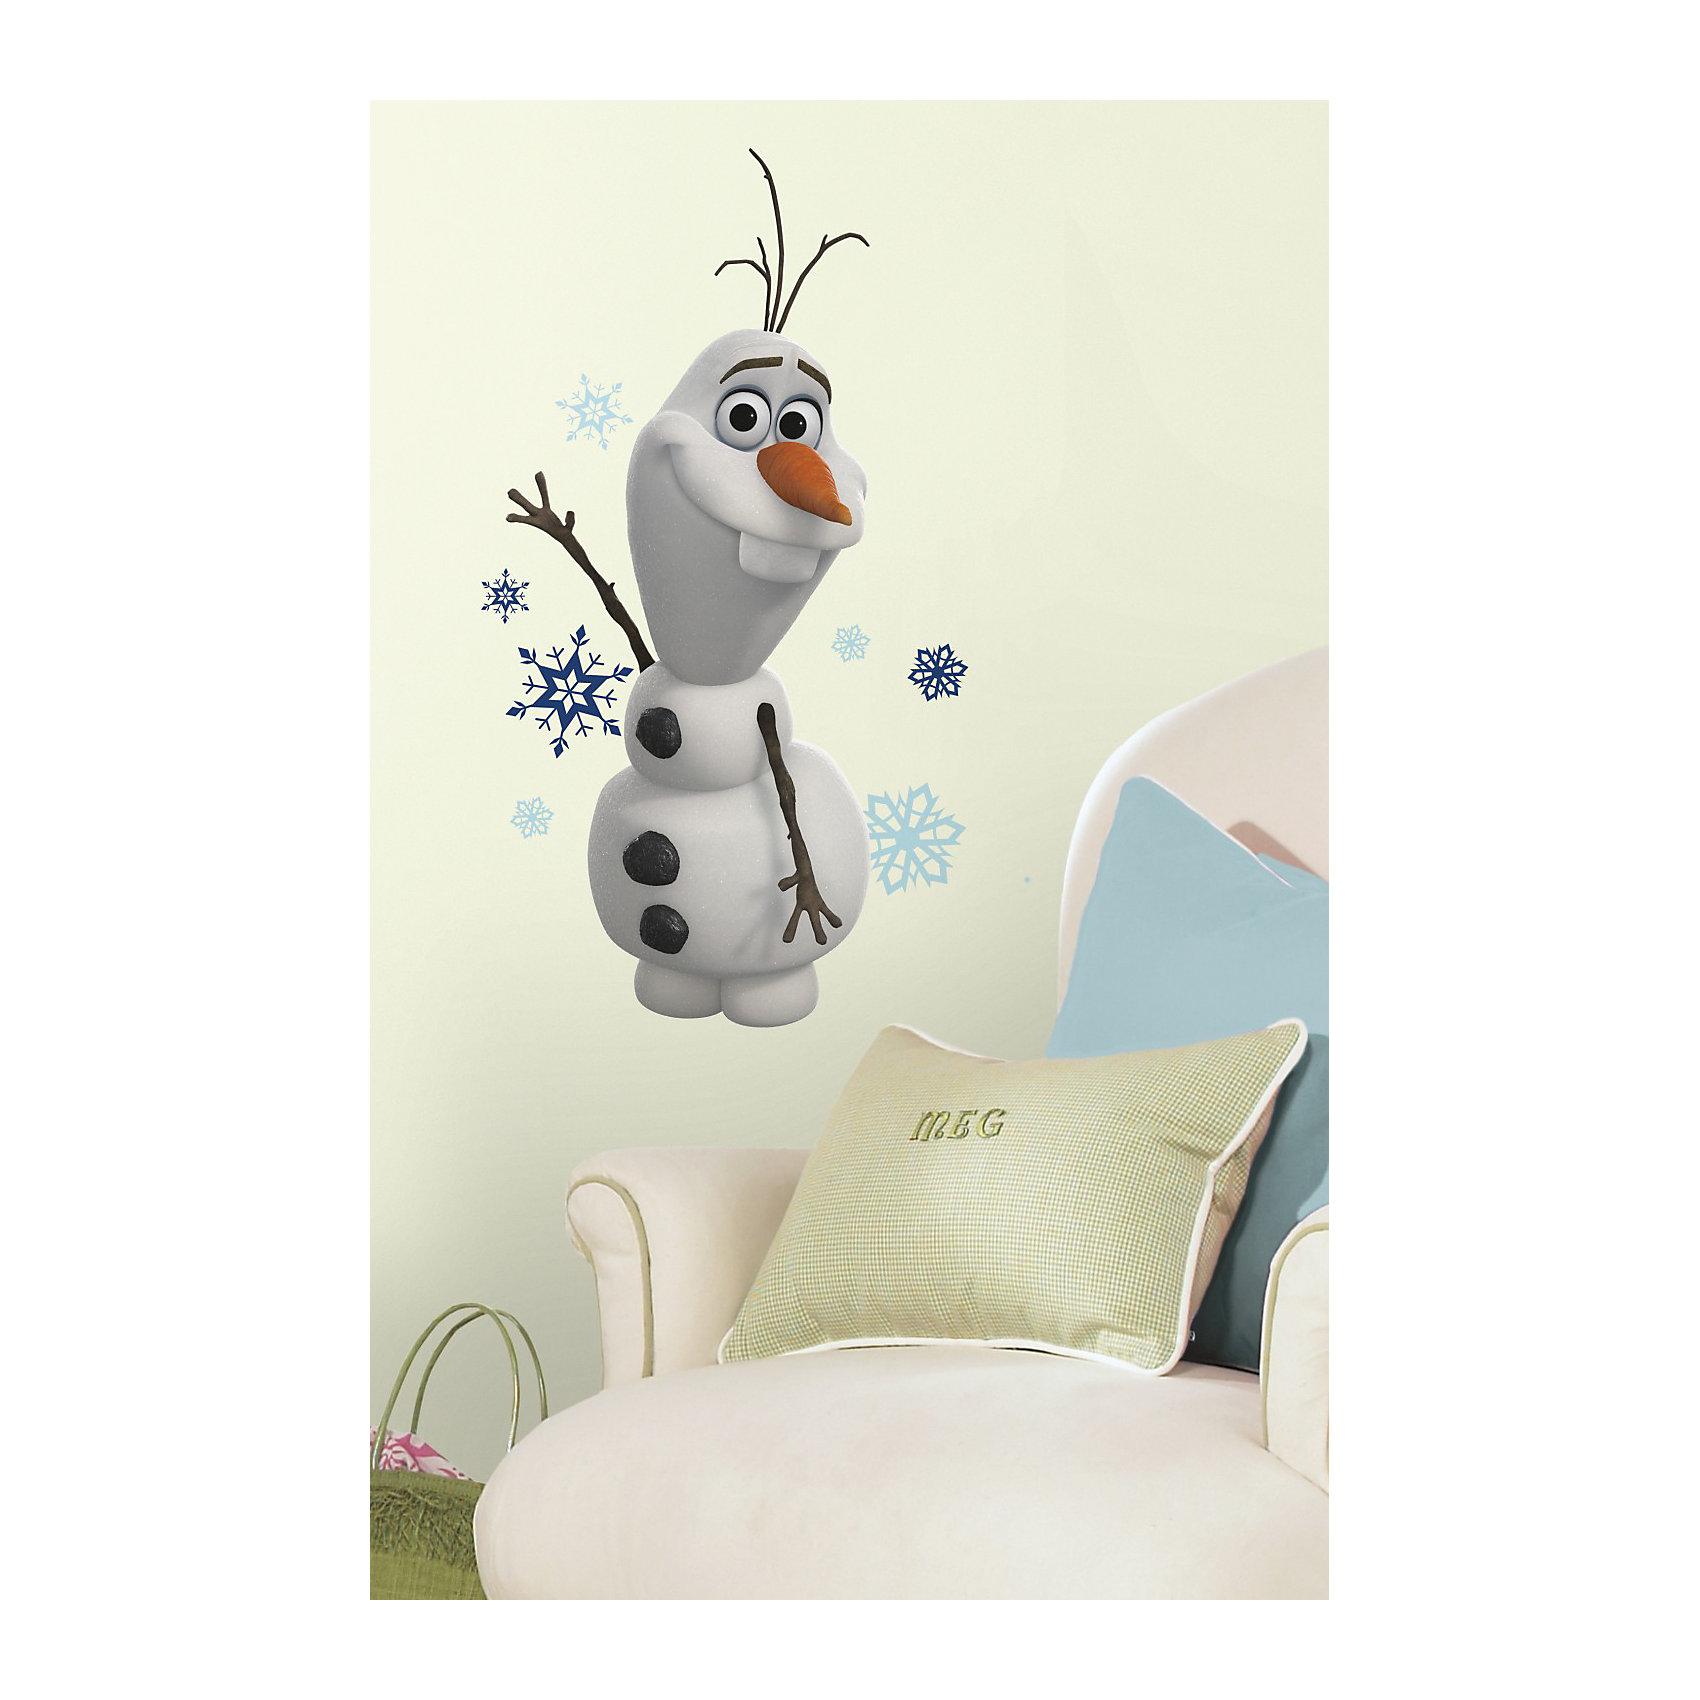 RoomMates Наклейки для декора Снеговик Олаф, Холодное сердце